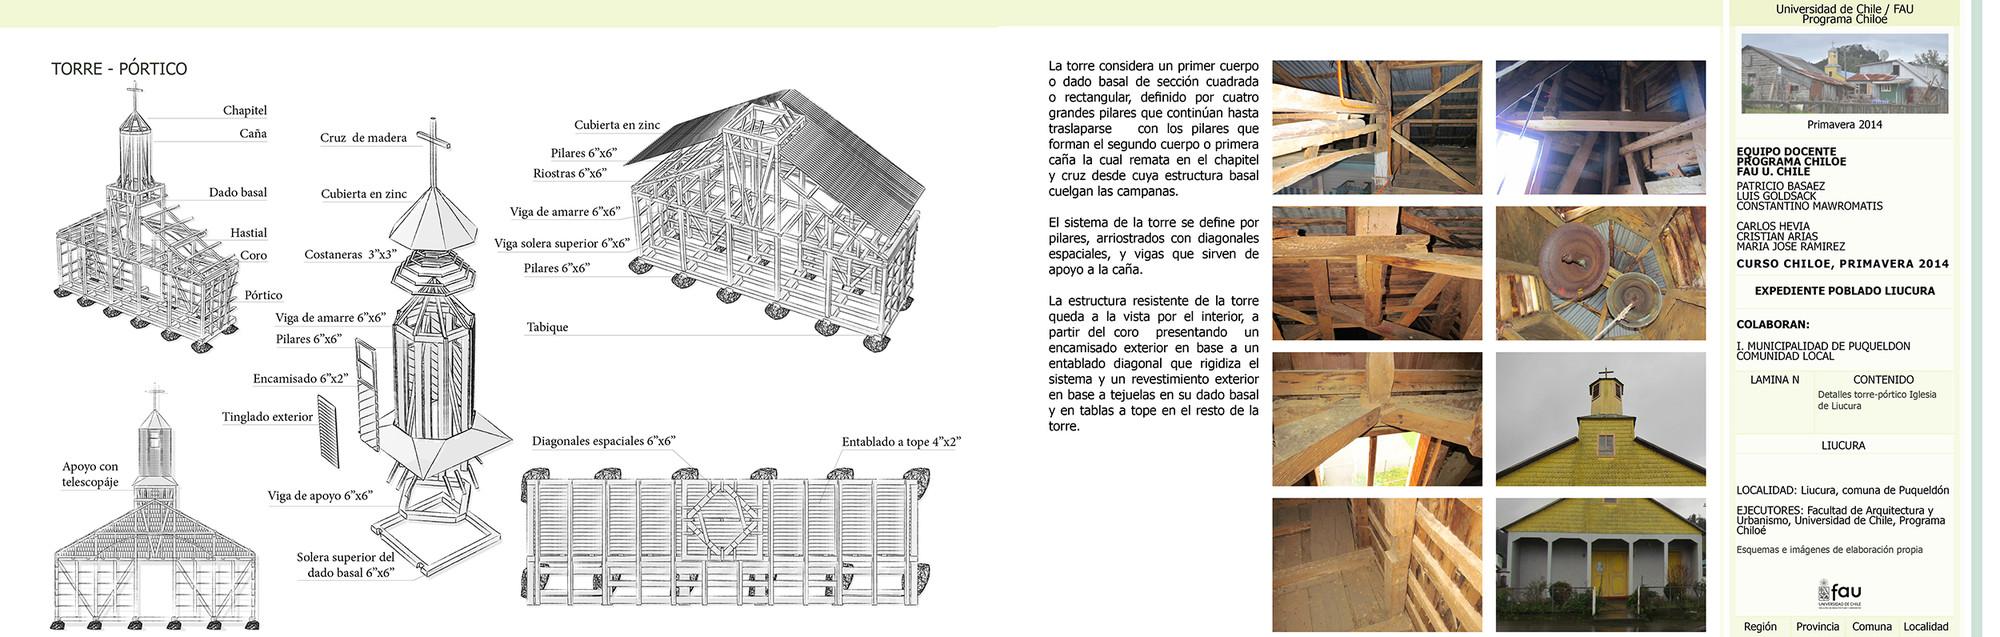 Documentación de los atributos urbanos y arquitectónicos, Levantamiento técnico construtivo de la Iglesia de Liucura / Programa Chiloé 2014